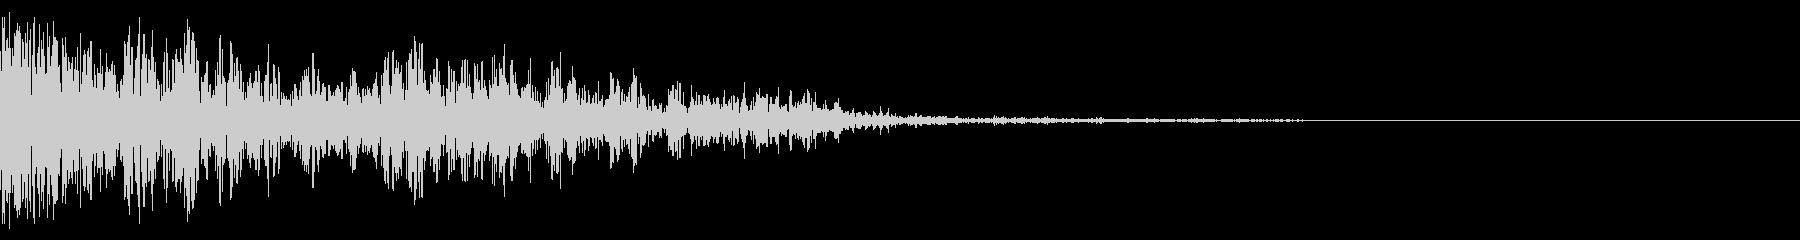 ピュィーン (ボタン・開始音・打撃音)の未再生の波形